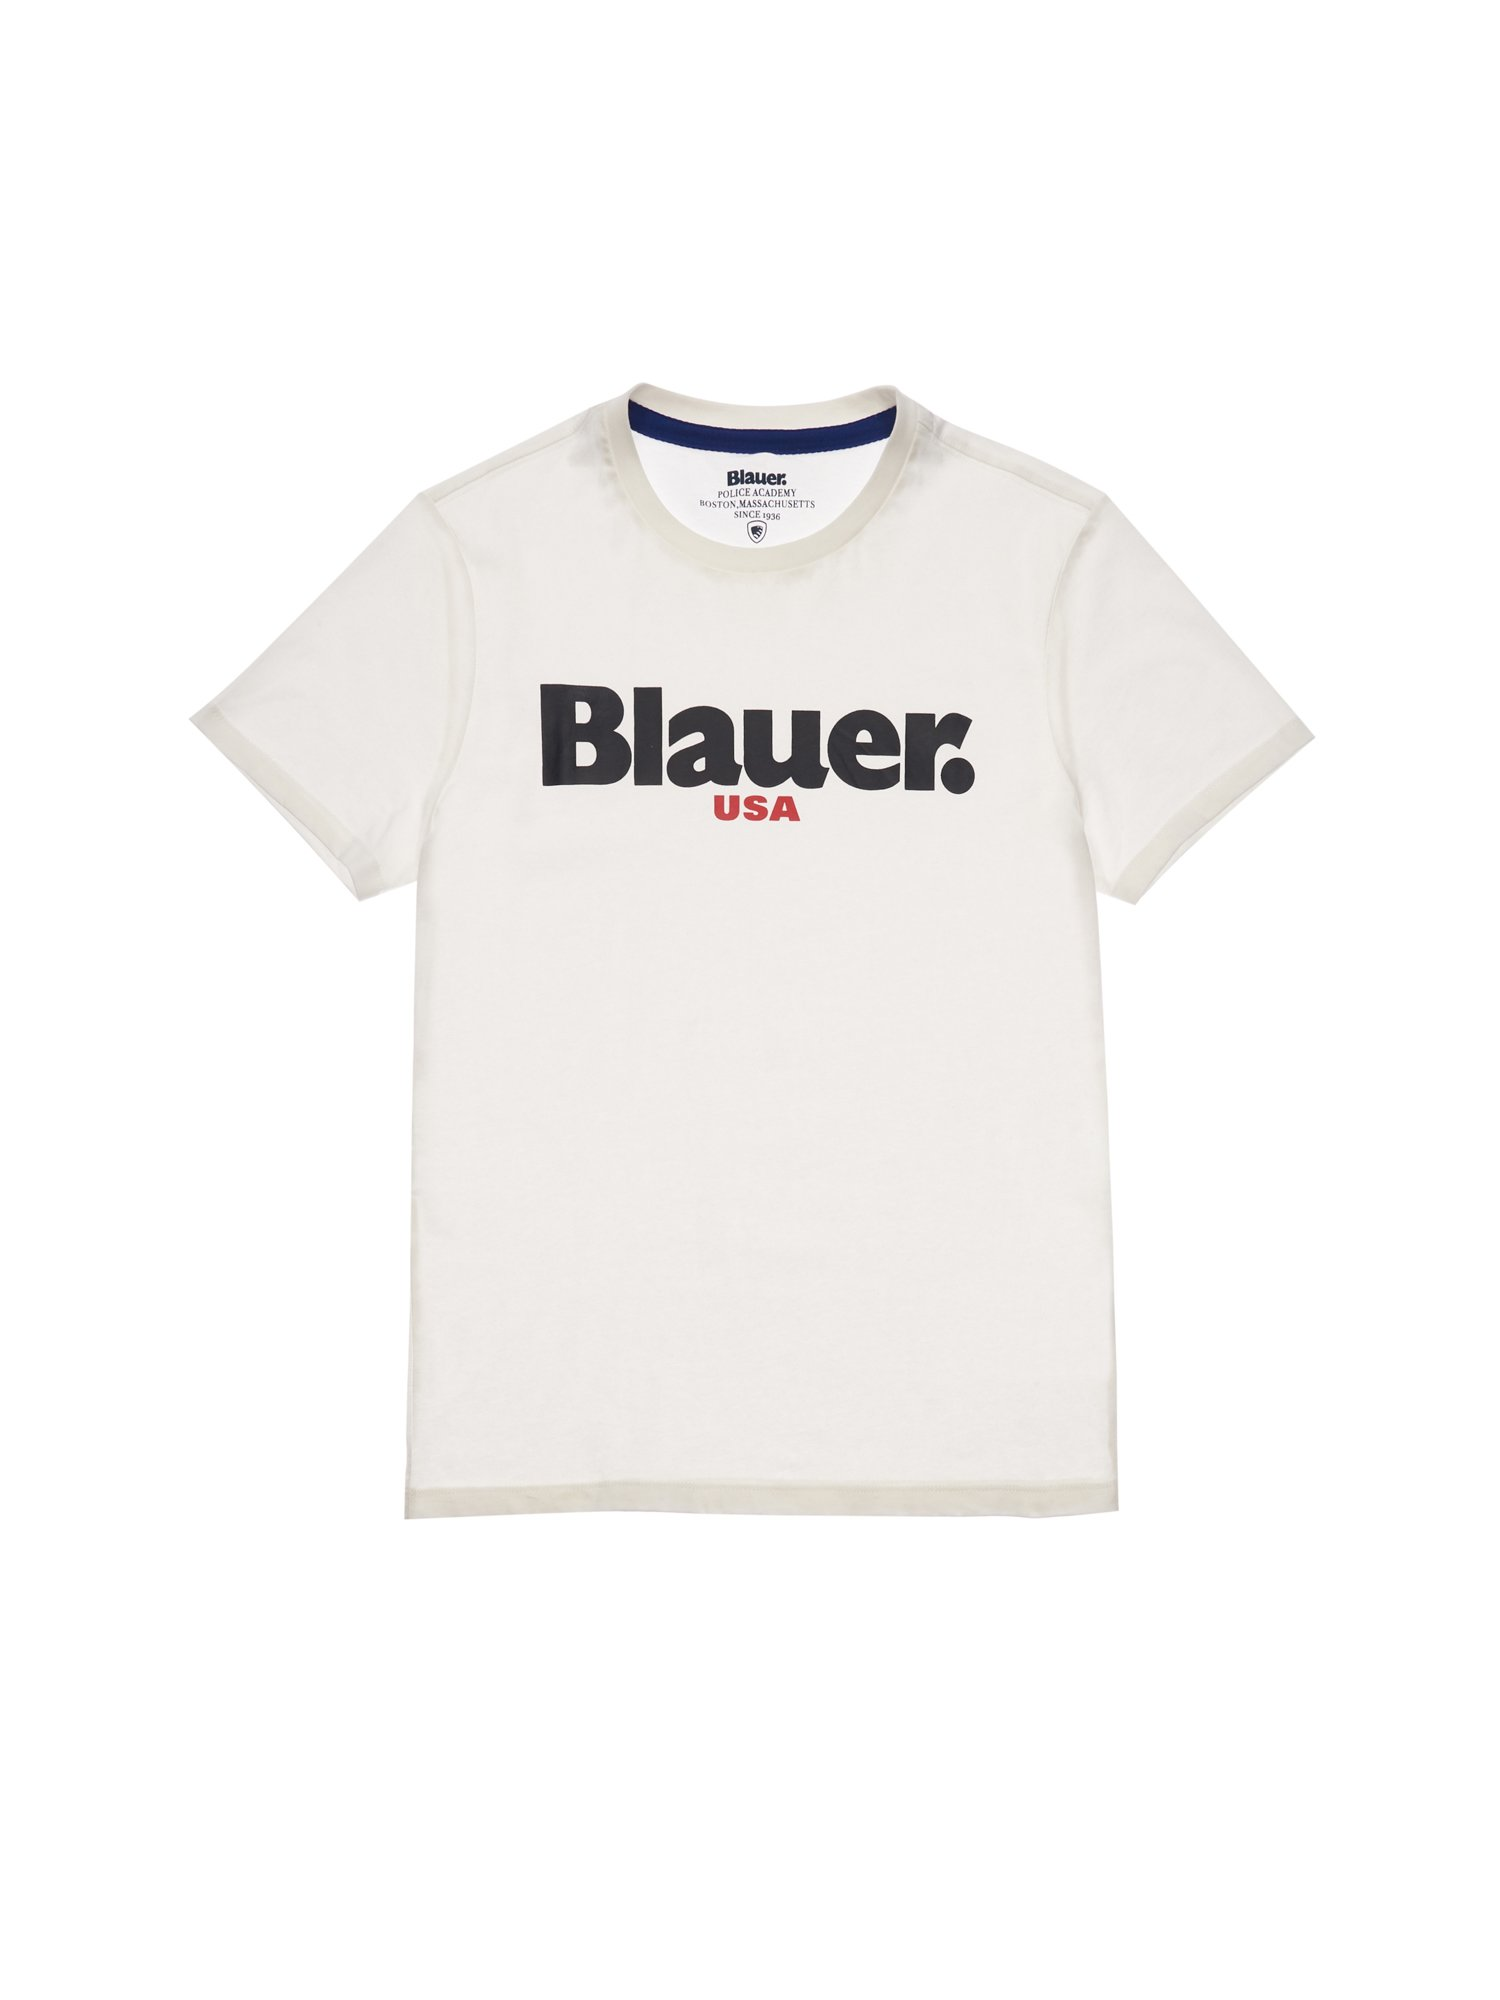 T-SHIRT UOMO BLAUER USA - Blauer